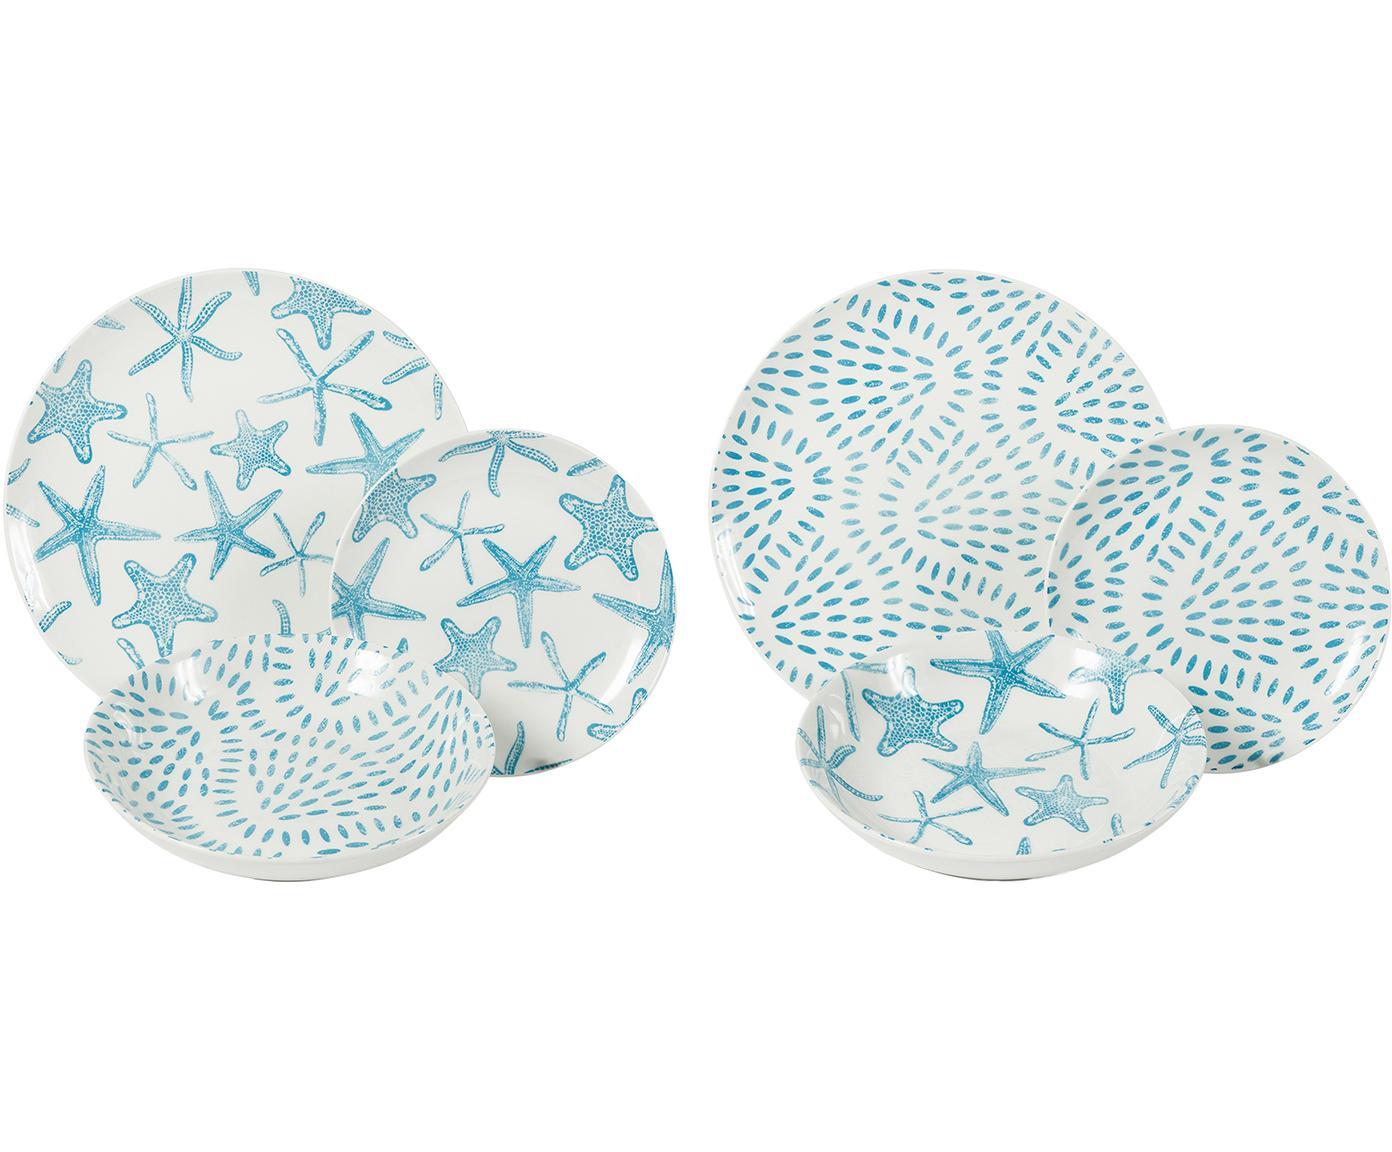 Komplet naczyń  Playa, 18 elem., Porcelana, Niebieski, biały, Różne rozmiary